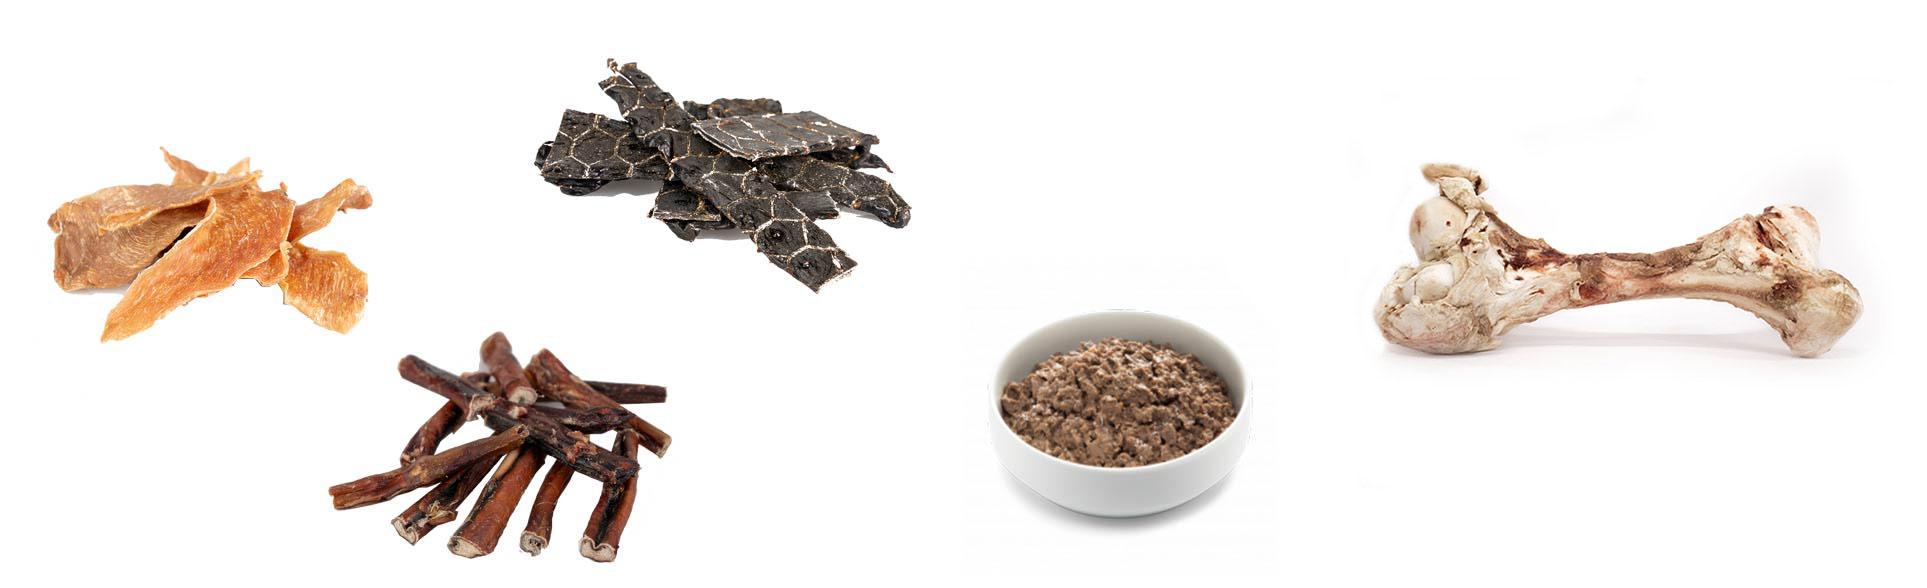 los mejores snacks naturales para perros